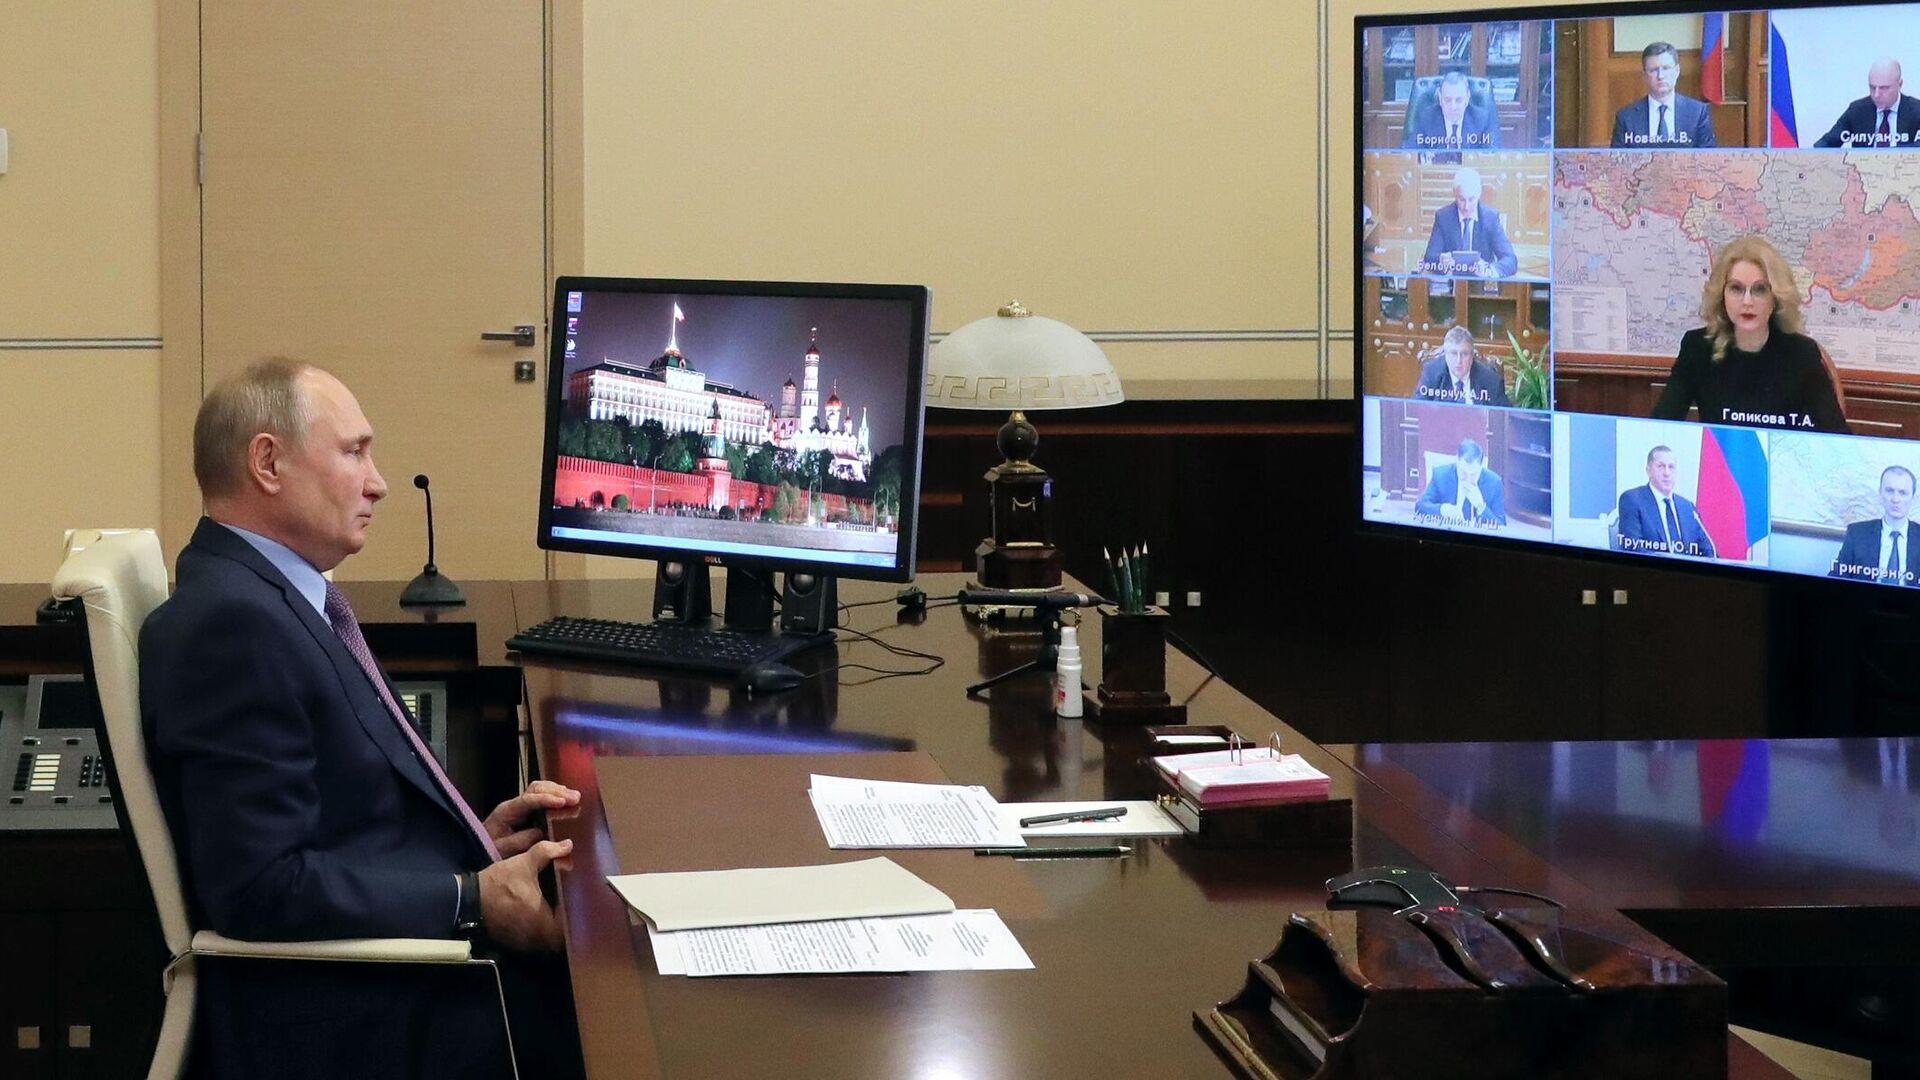 Президент РФ Владимир Путин проводит в режиме видеоконференции совещание с членами правительства РФ - РИА Новости, 1920, 28.01.2021